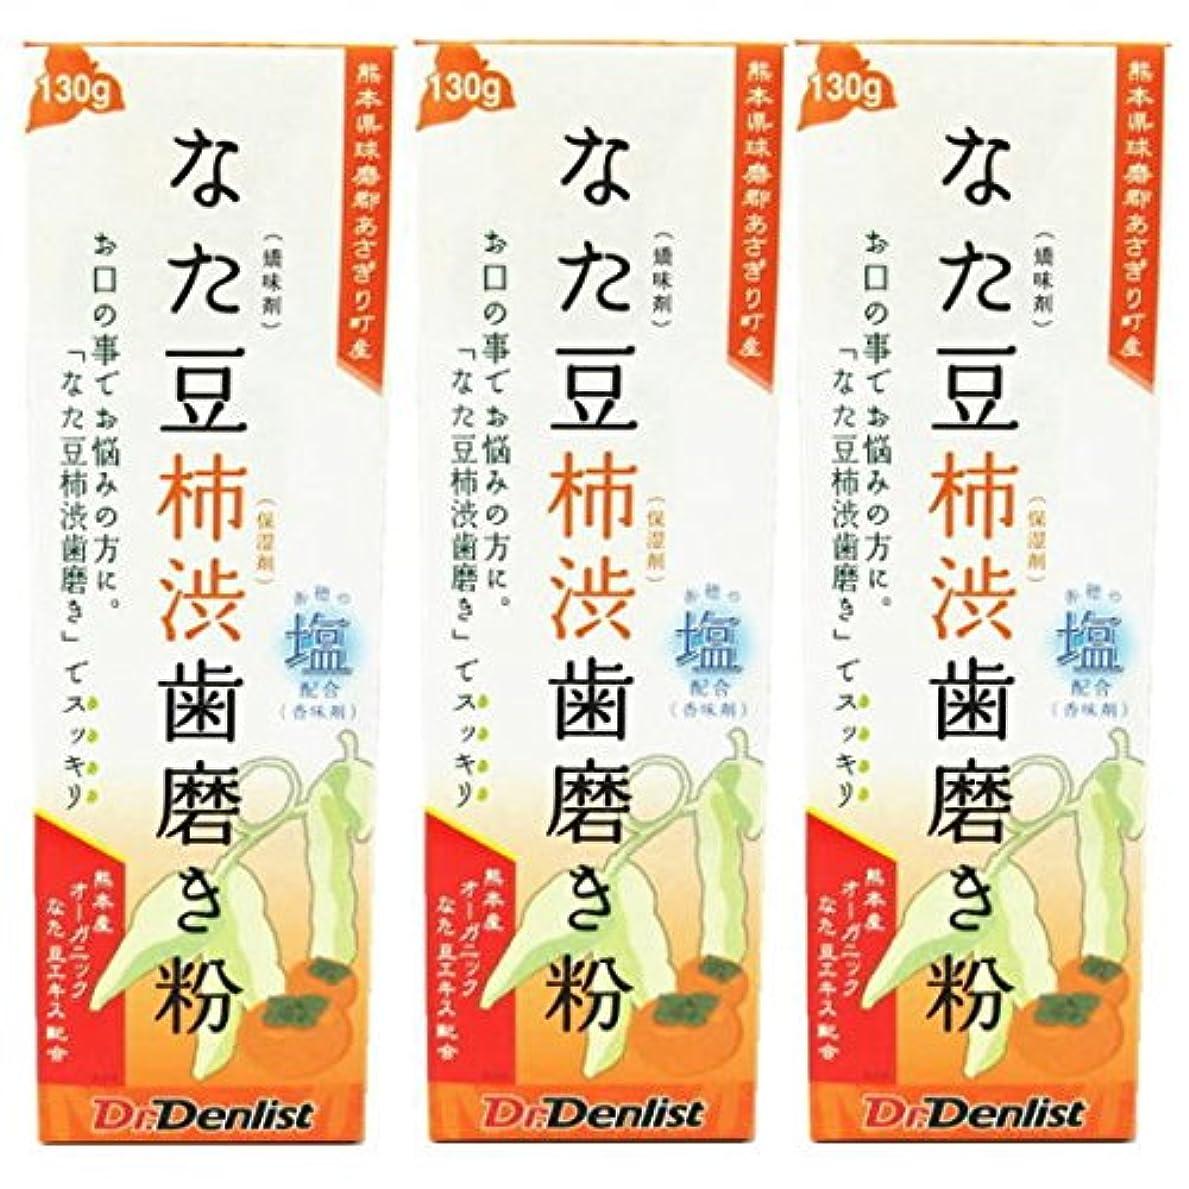 獣コンチネンタルジョリーなた豆柿渋歯磨き 130g 3個セット 国産 有機なた豆使用 赤穂の塩配合(香味剤)